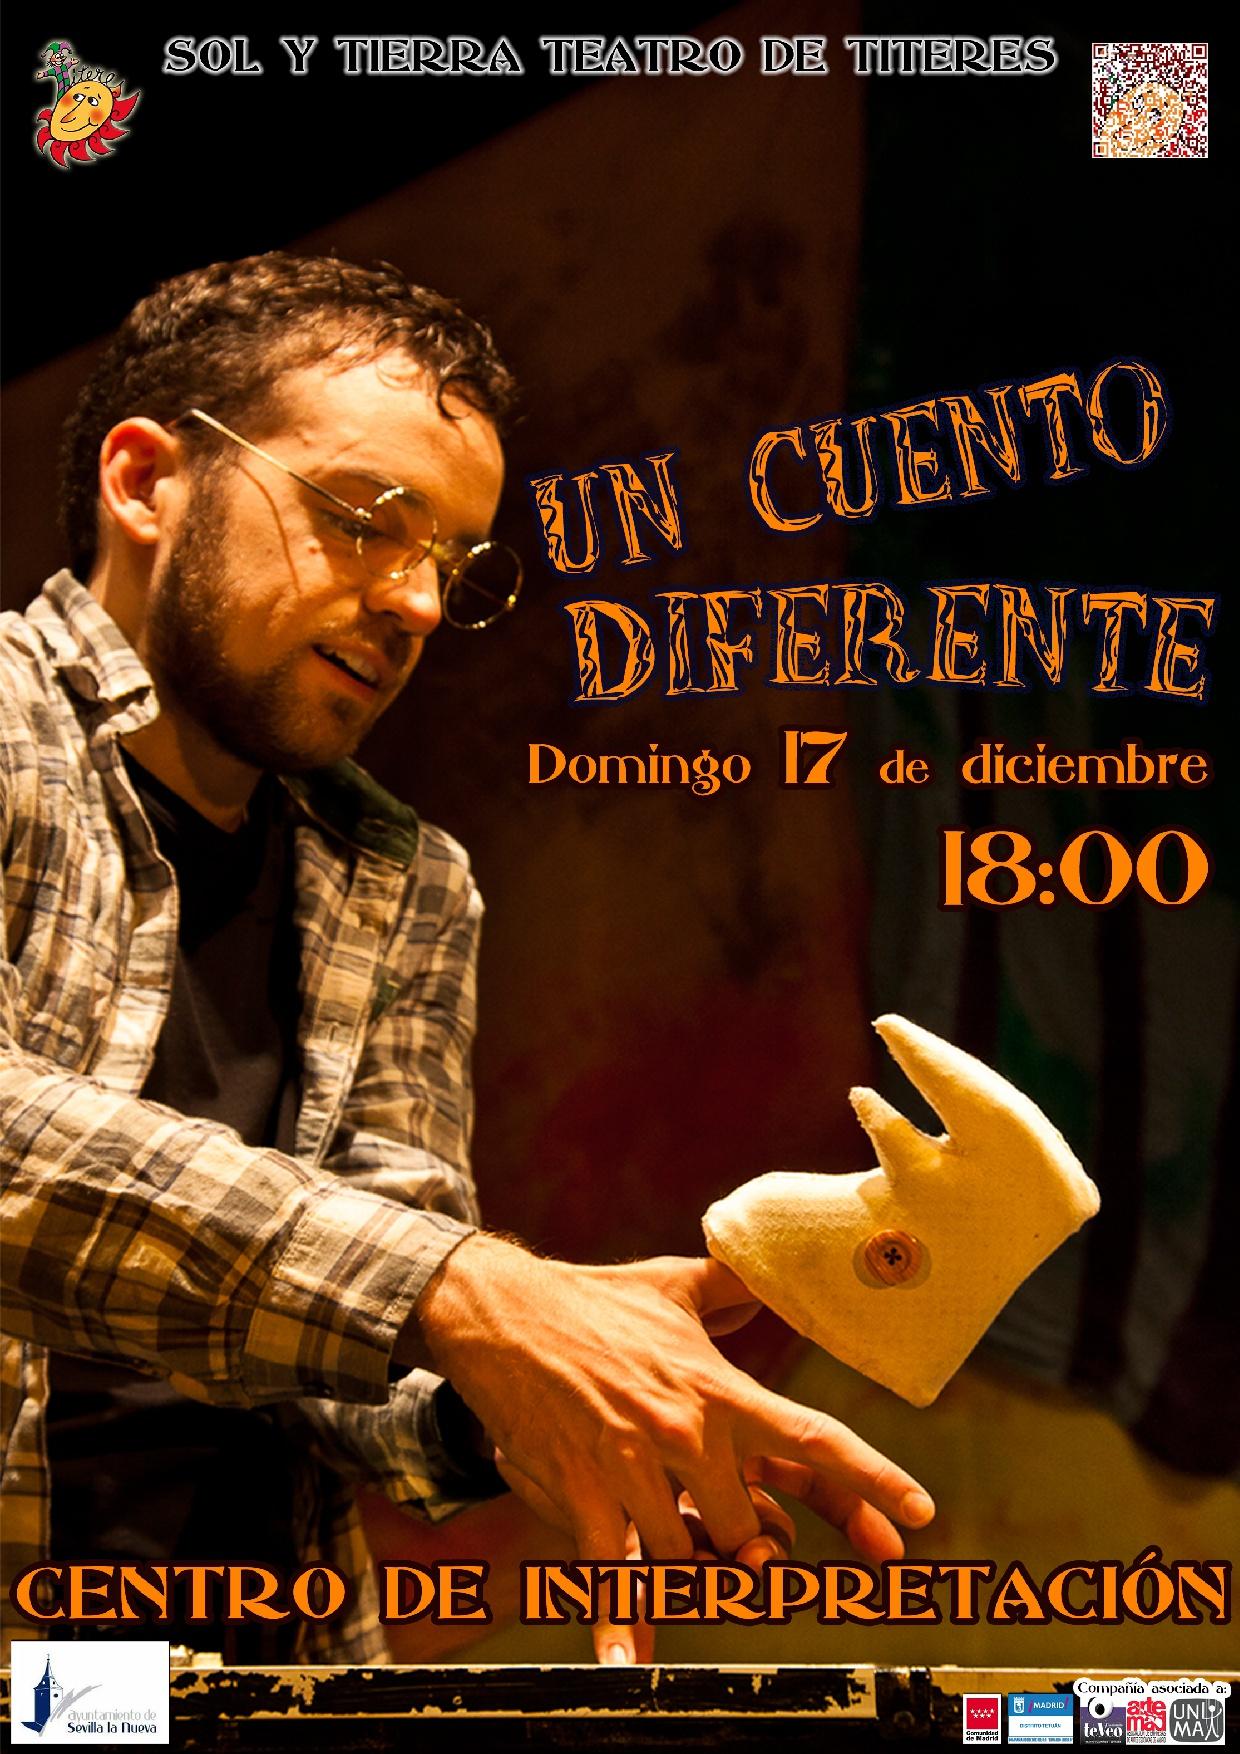 Teatro - 'Un cuento diferente' @ Centro de Interpretación